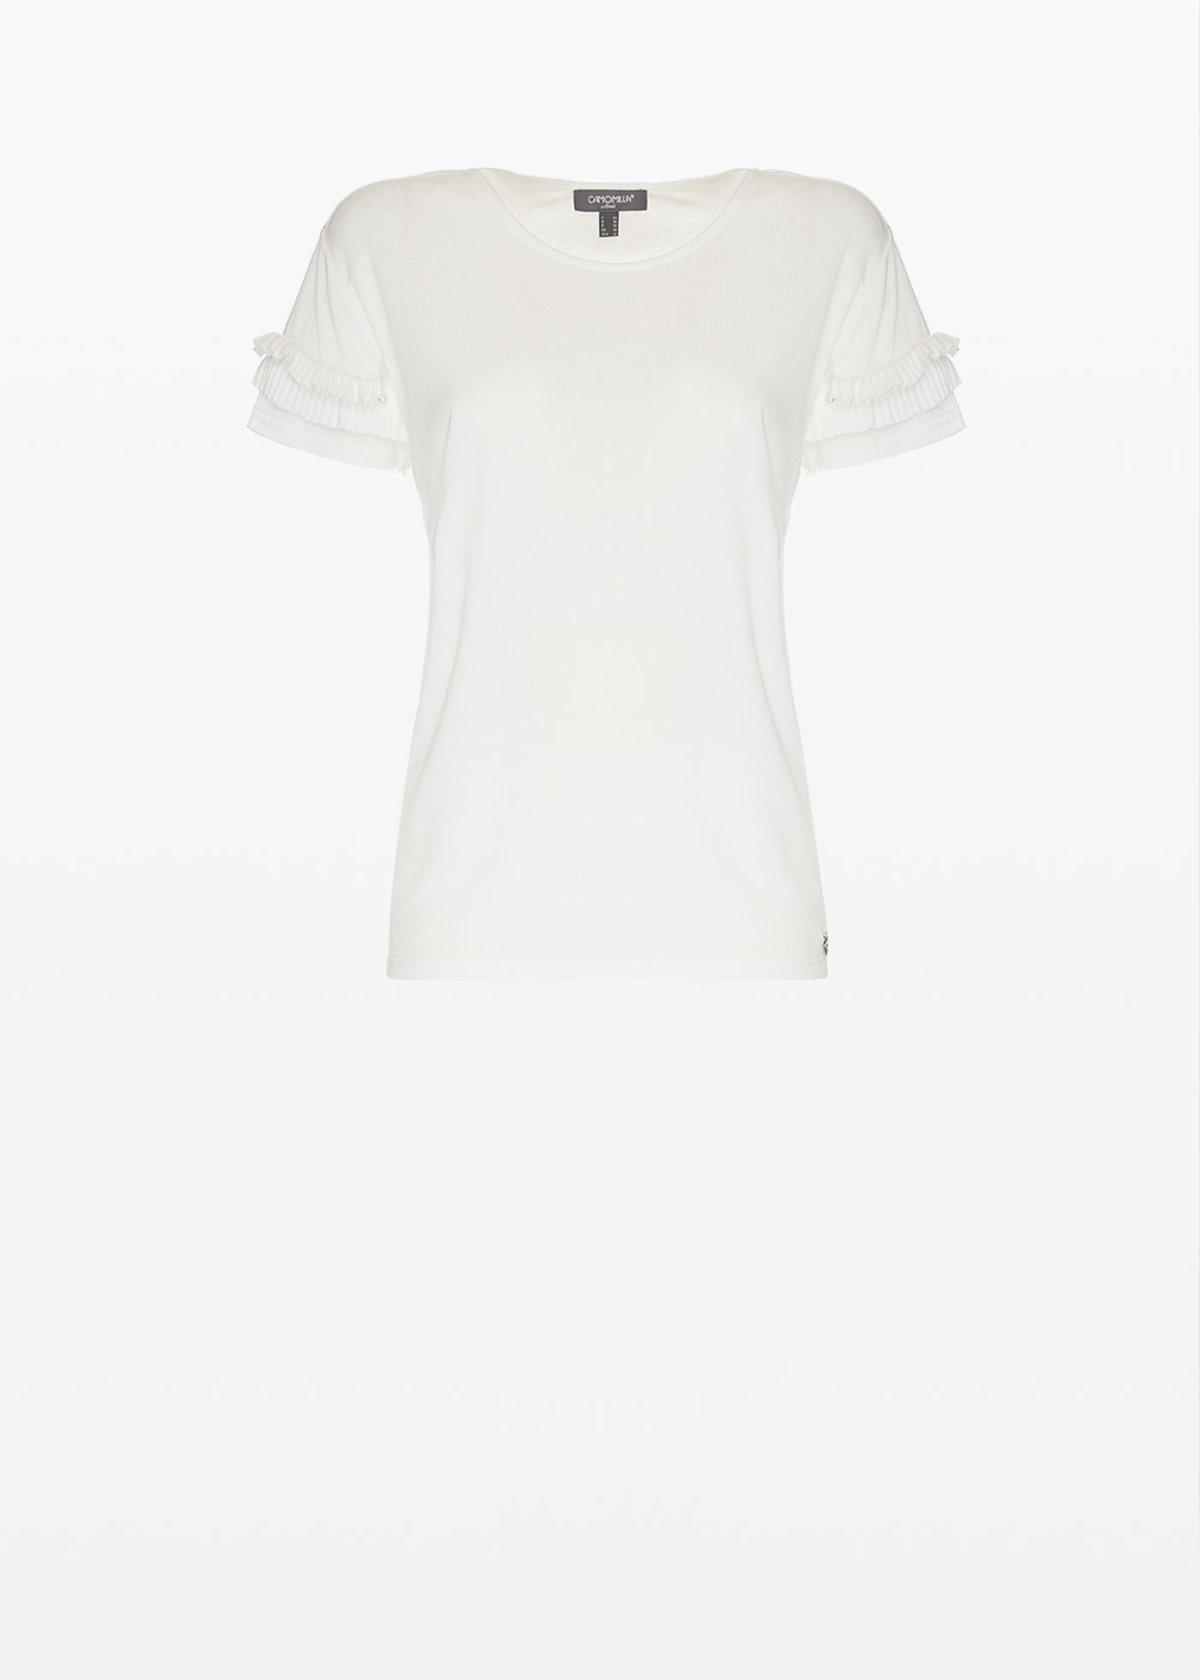 T-shirt Sabry in jersey con rouches al fondo manica - White - Donna